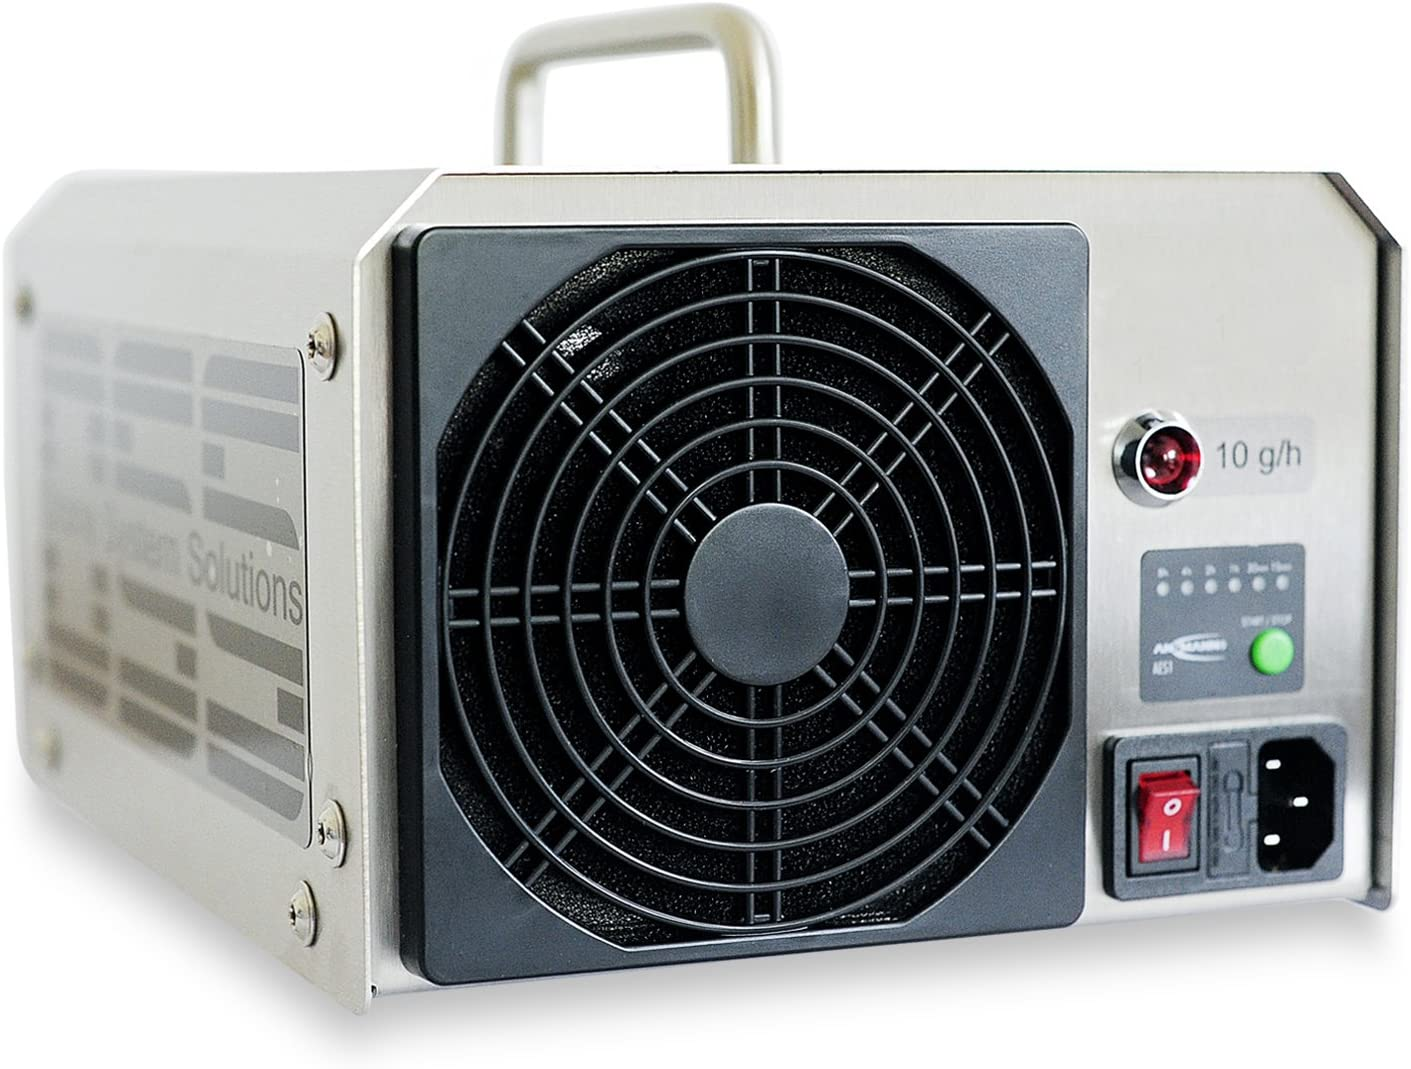 Generador de ozono profesional 10 g/h con lámpara UV – Fabricado ...